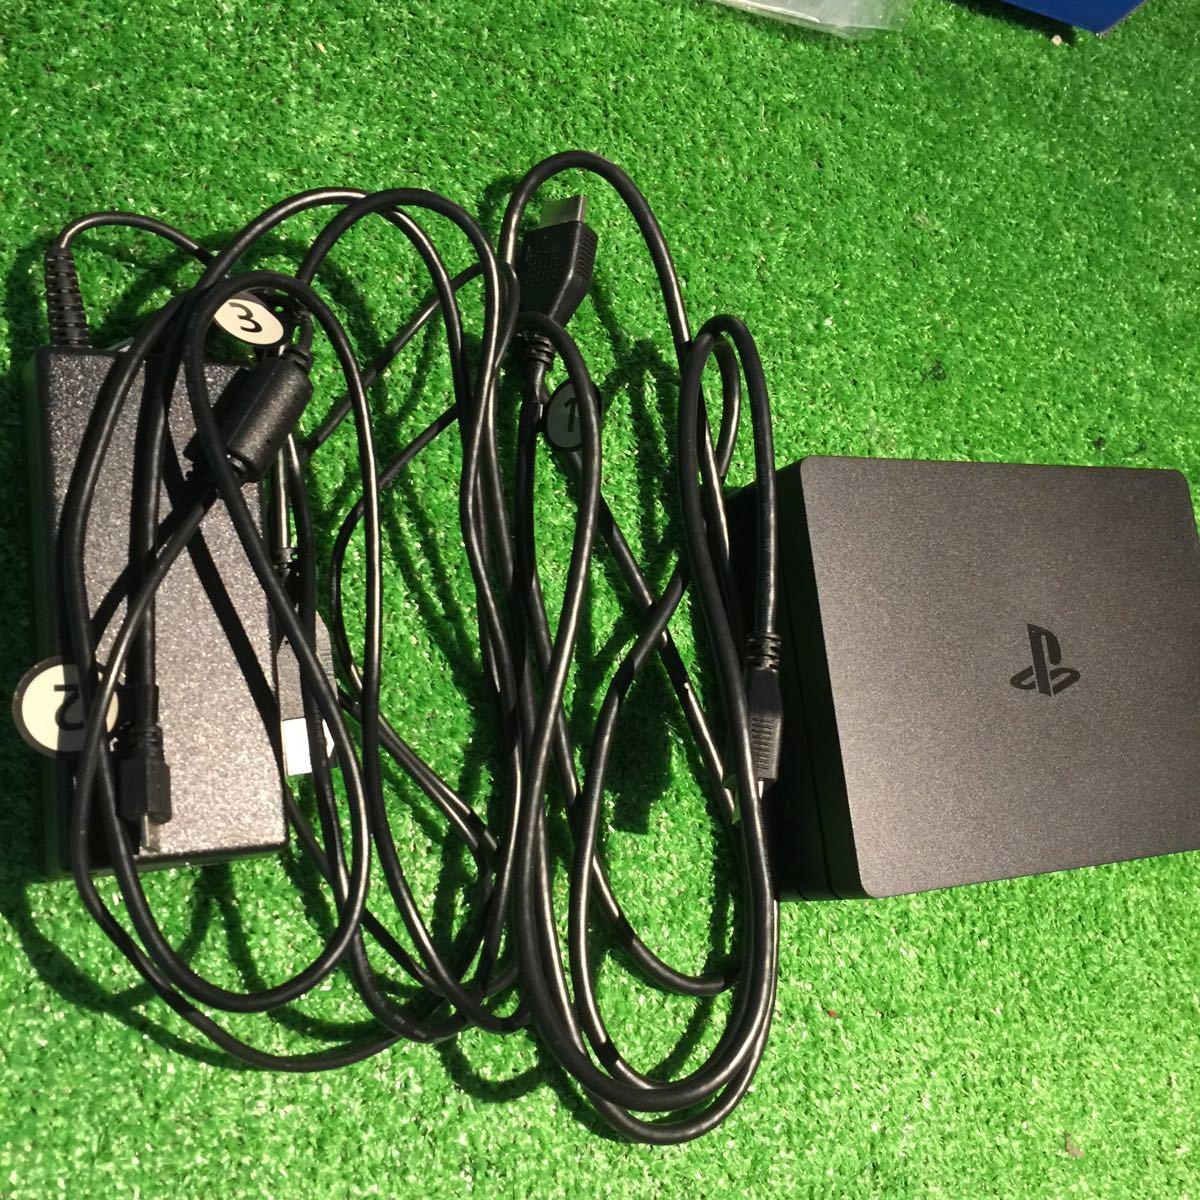 1円~ PSVR PlayStation VR PlayStation Camera同梱版 CUHJ-16003 元箱 説明書付き (78) 100サイズ_画像7